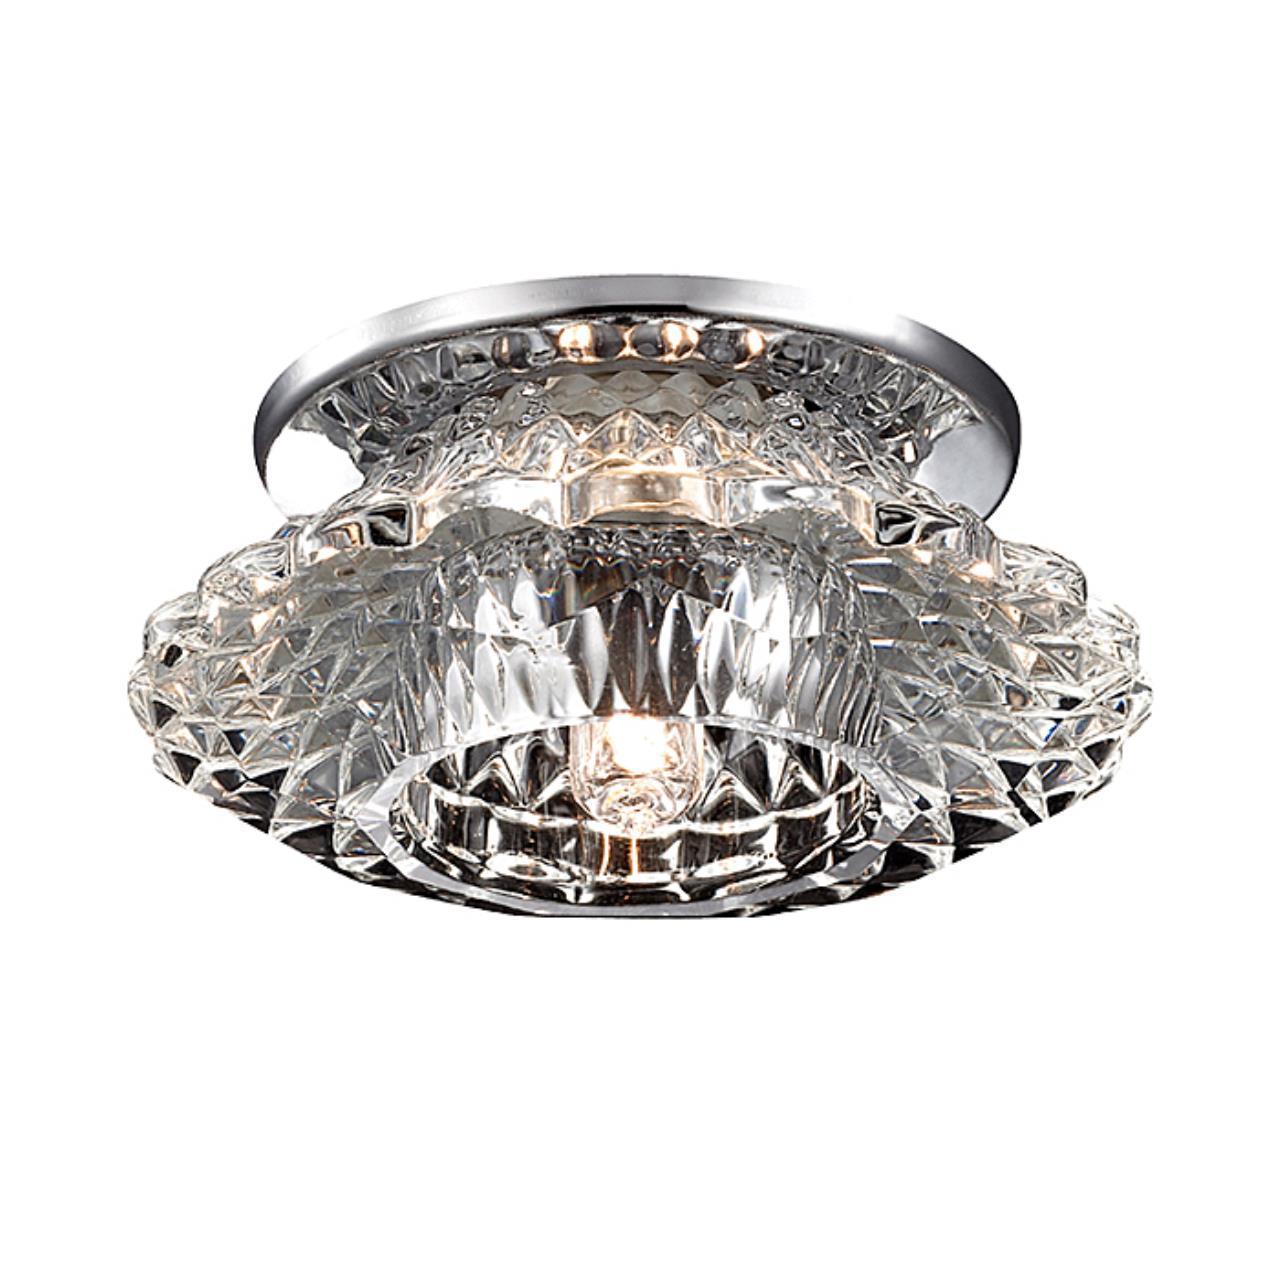 369923 SPOT NT14 126 хром Встраиваемый светильник IP20 G9 40W 220V ENIGMA